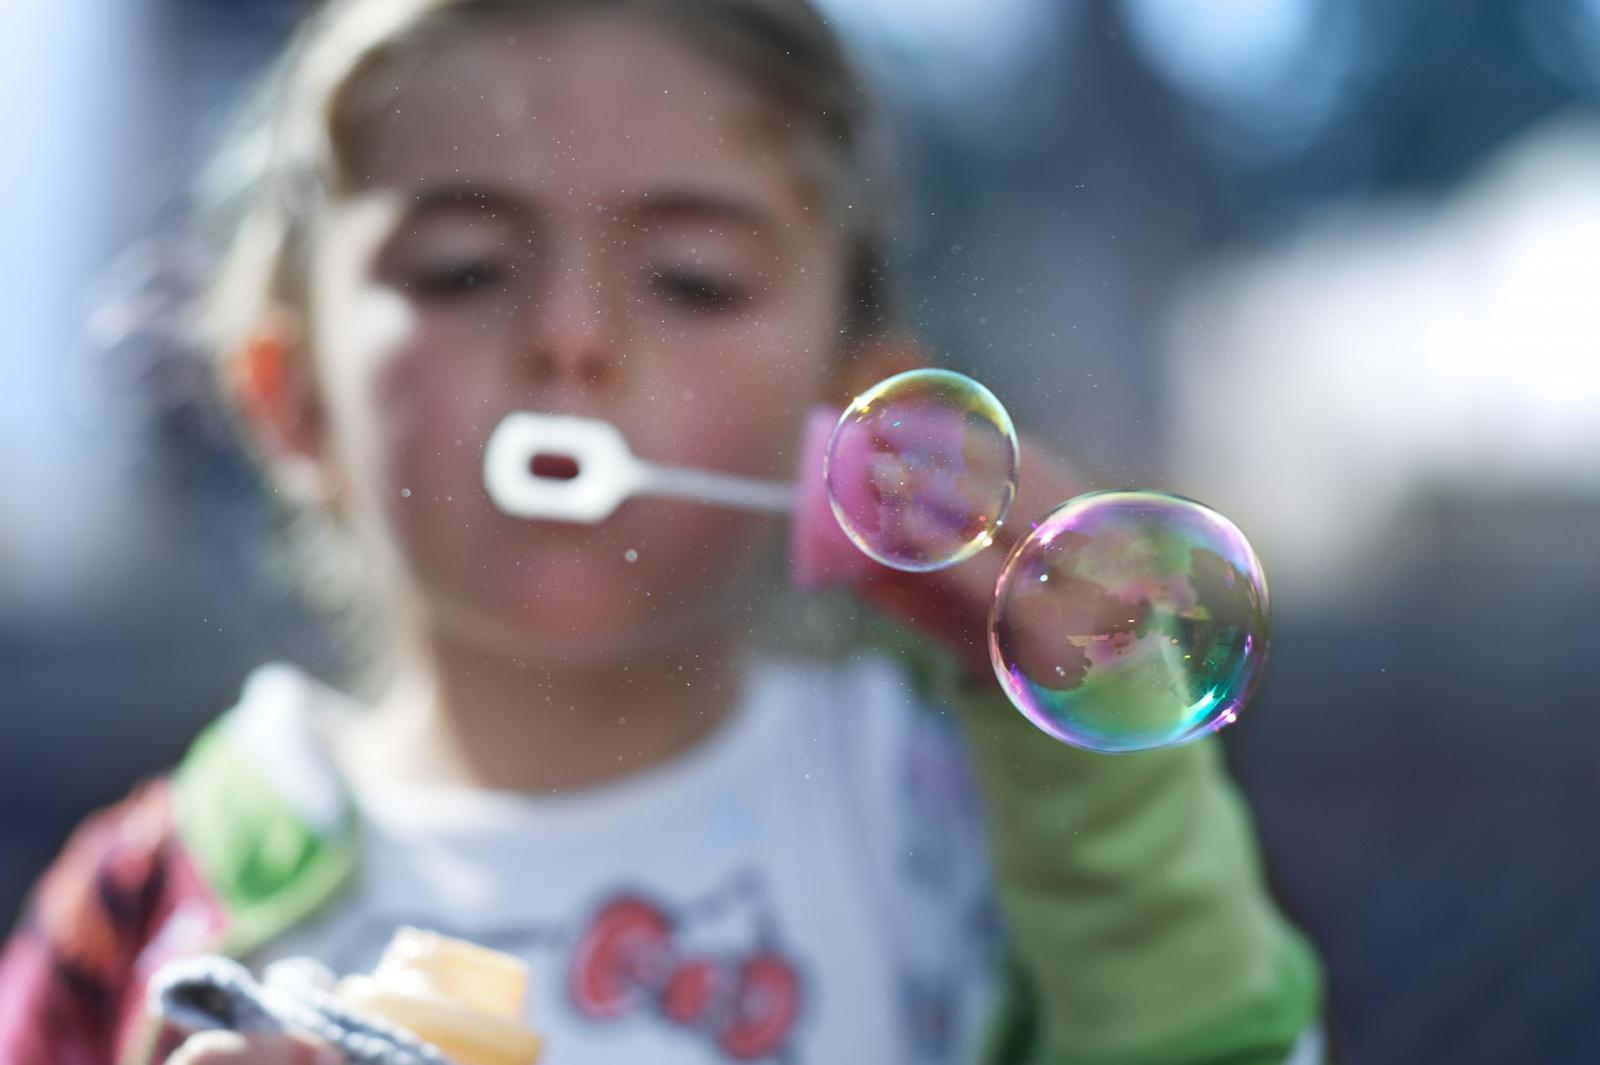 Сейчас новый пузырь стартапов? Все аргументы за и против - 1